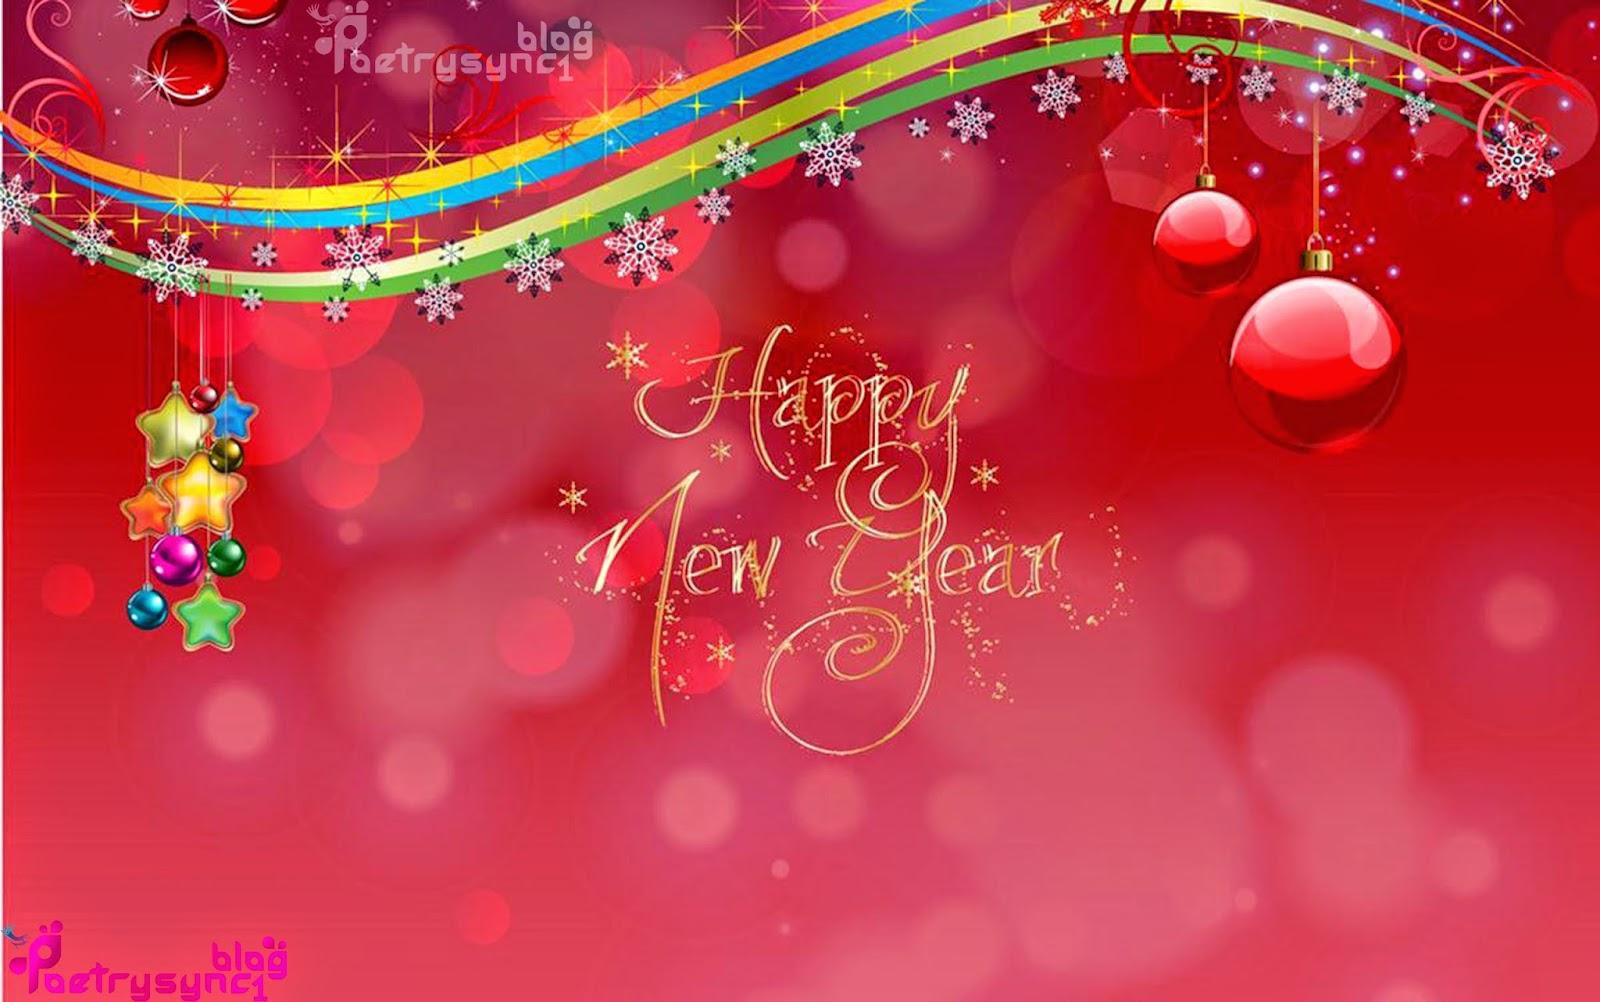 Poetryquotes Happy New Year 2014